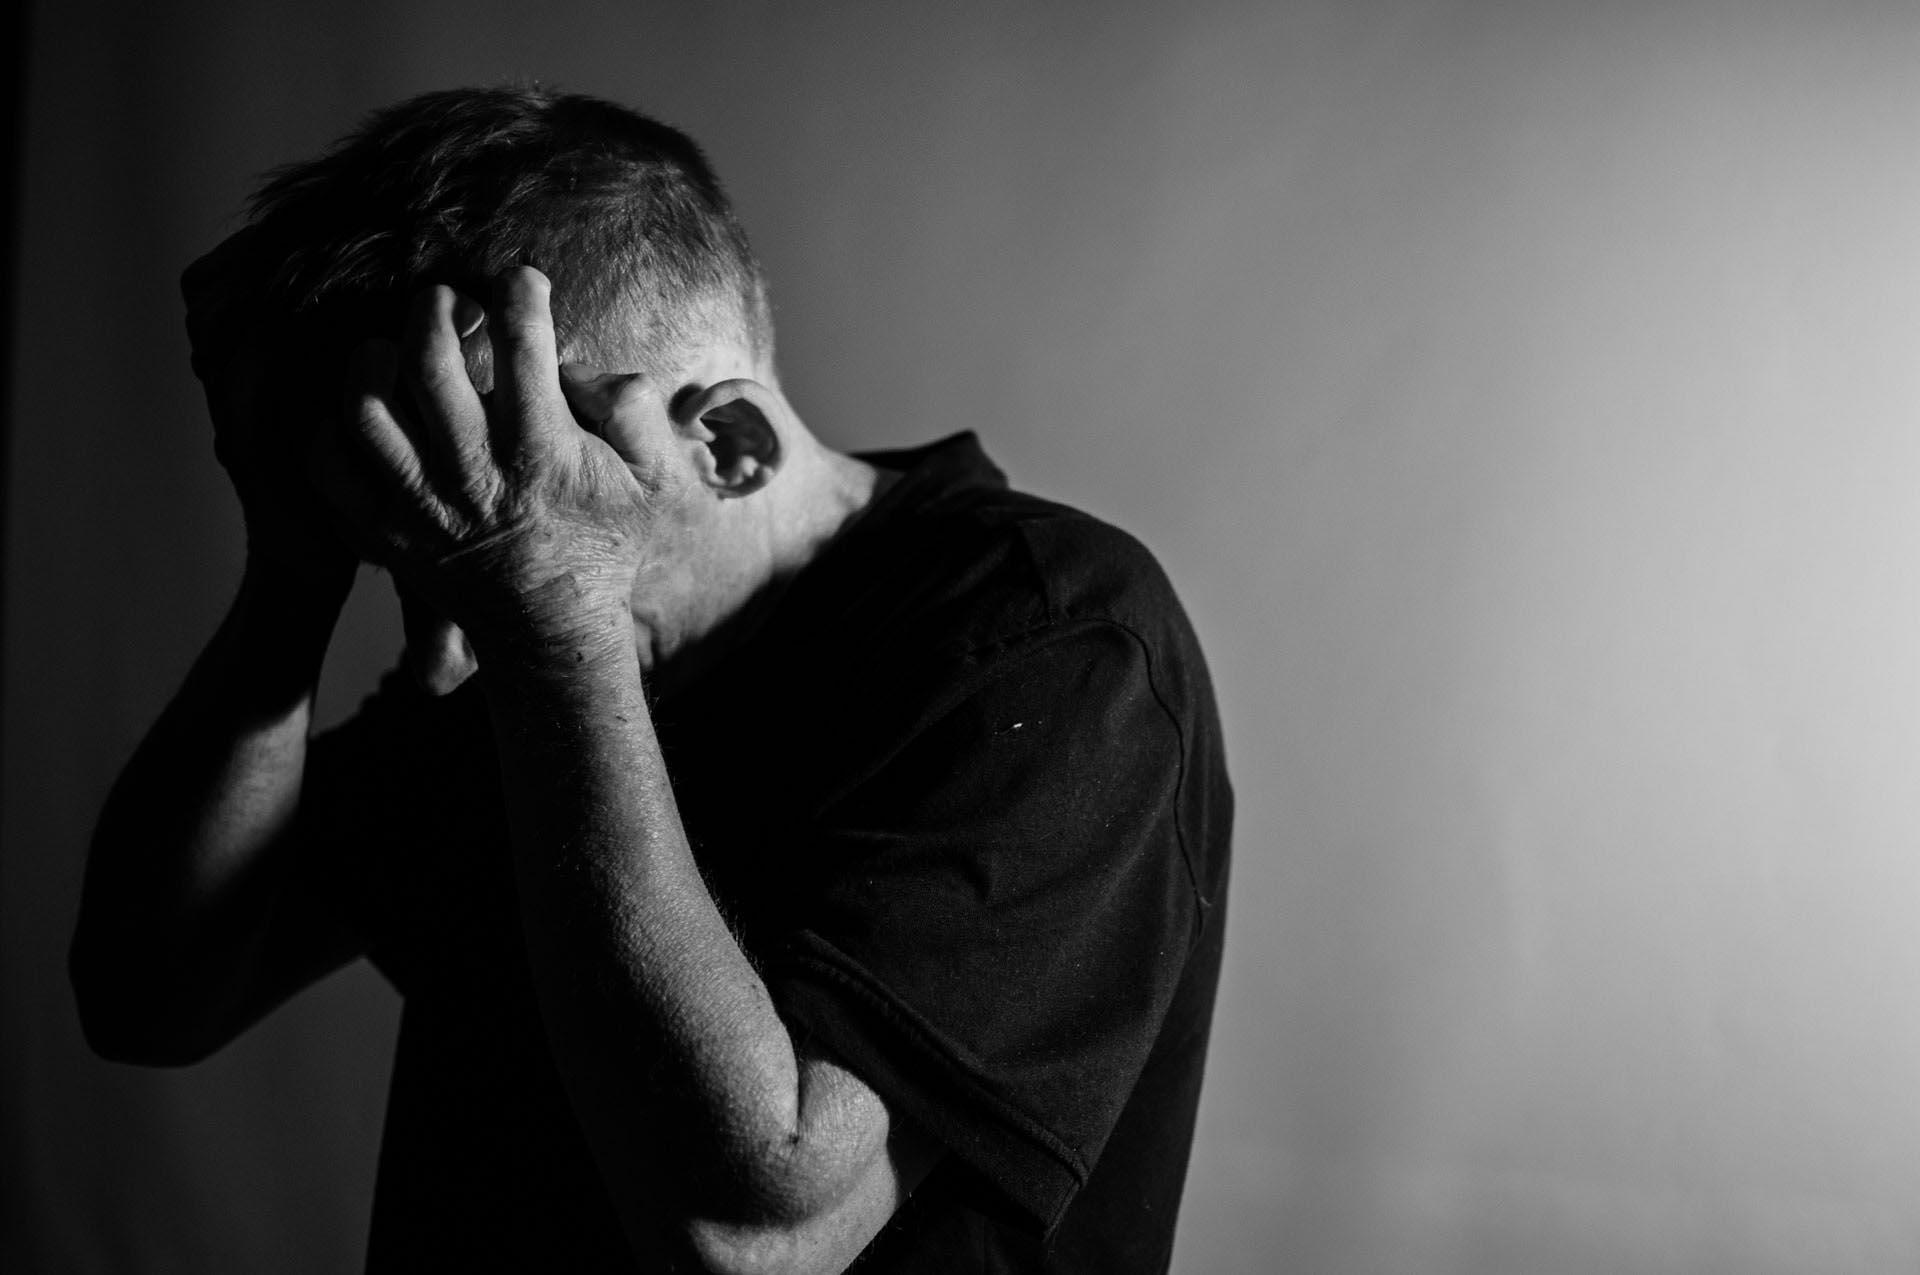 si experimentas estos sintomas contacta a un psicologo para superar la ansiedad